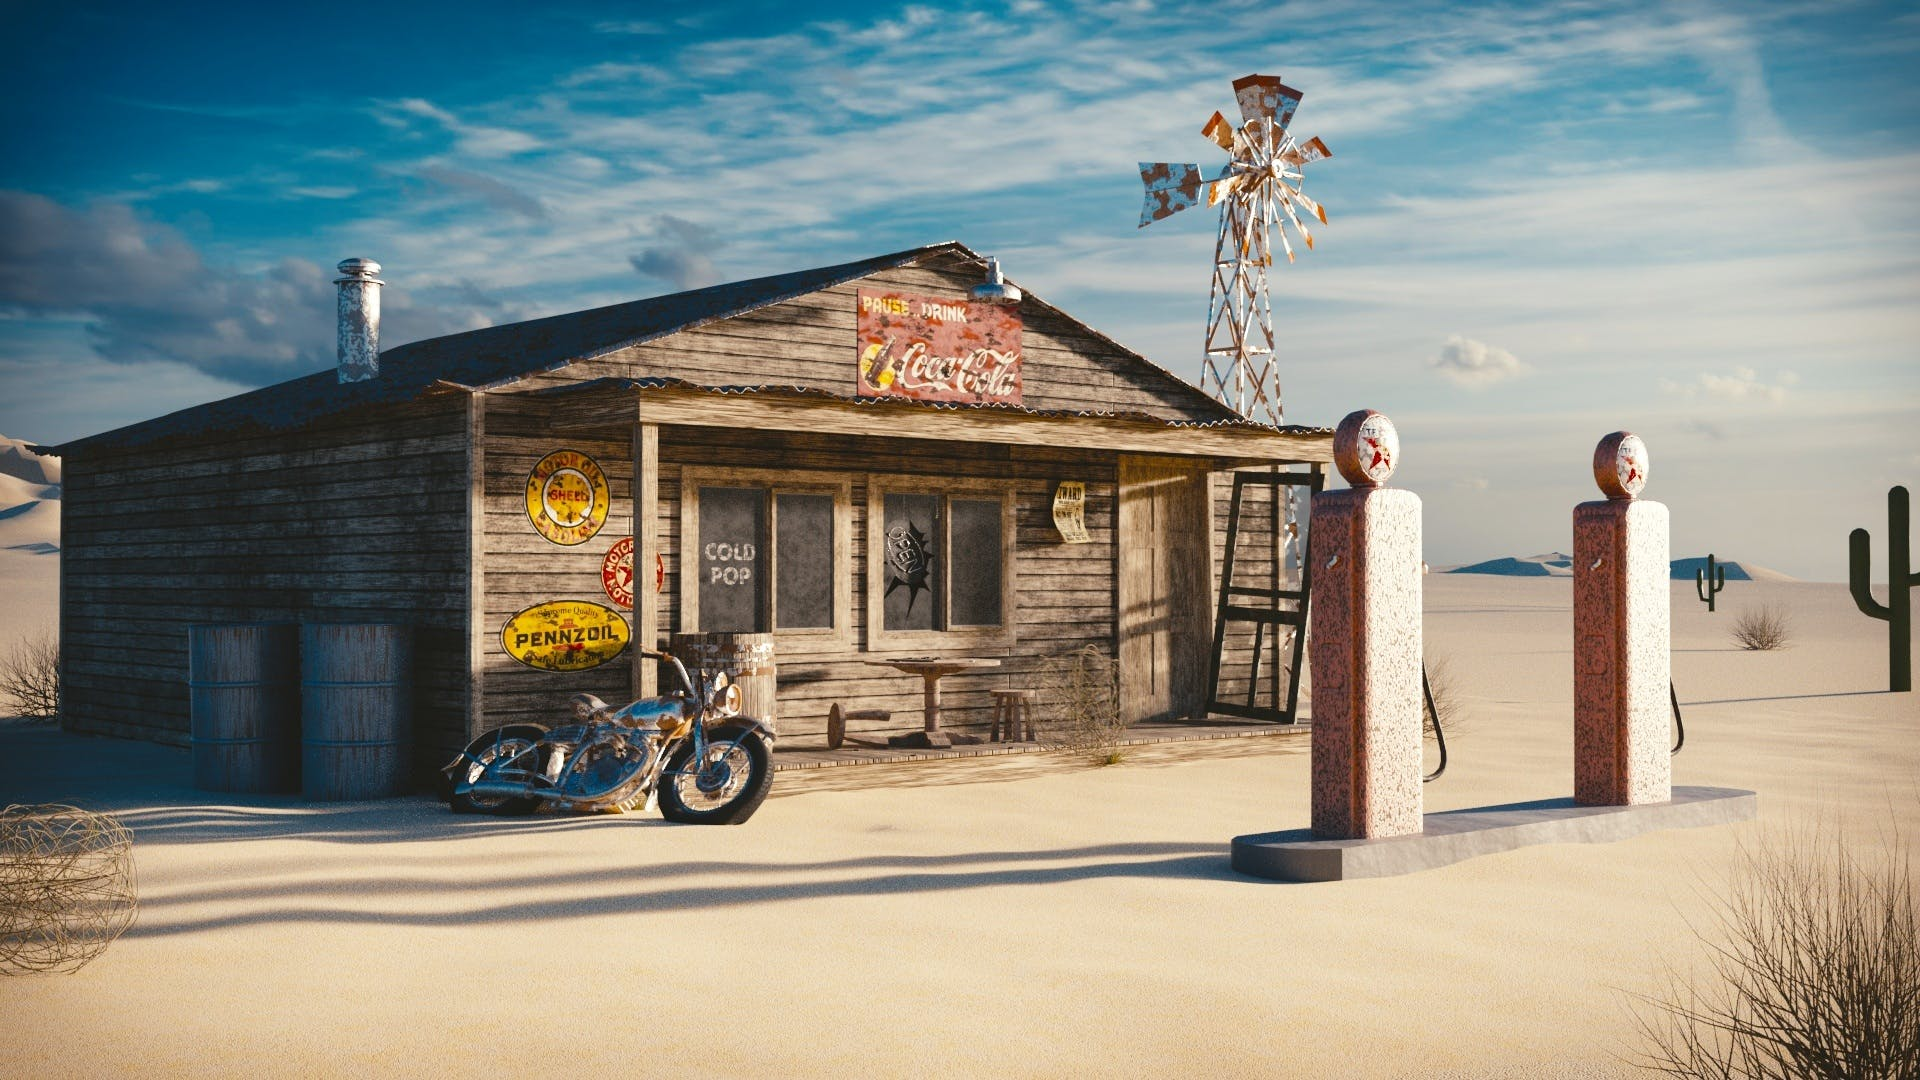 Kostenloses Stock Foto zu architektur, bungalow, gas, motorrad